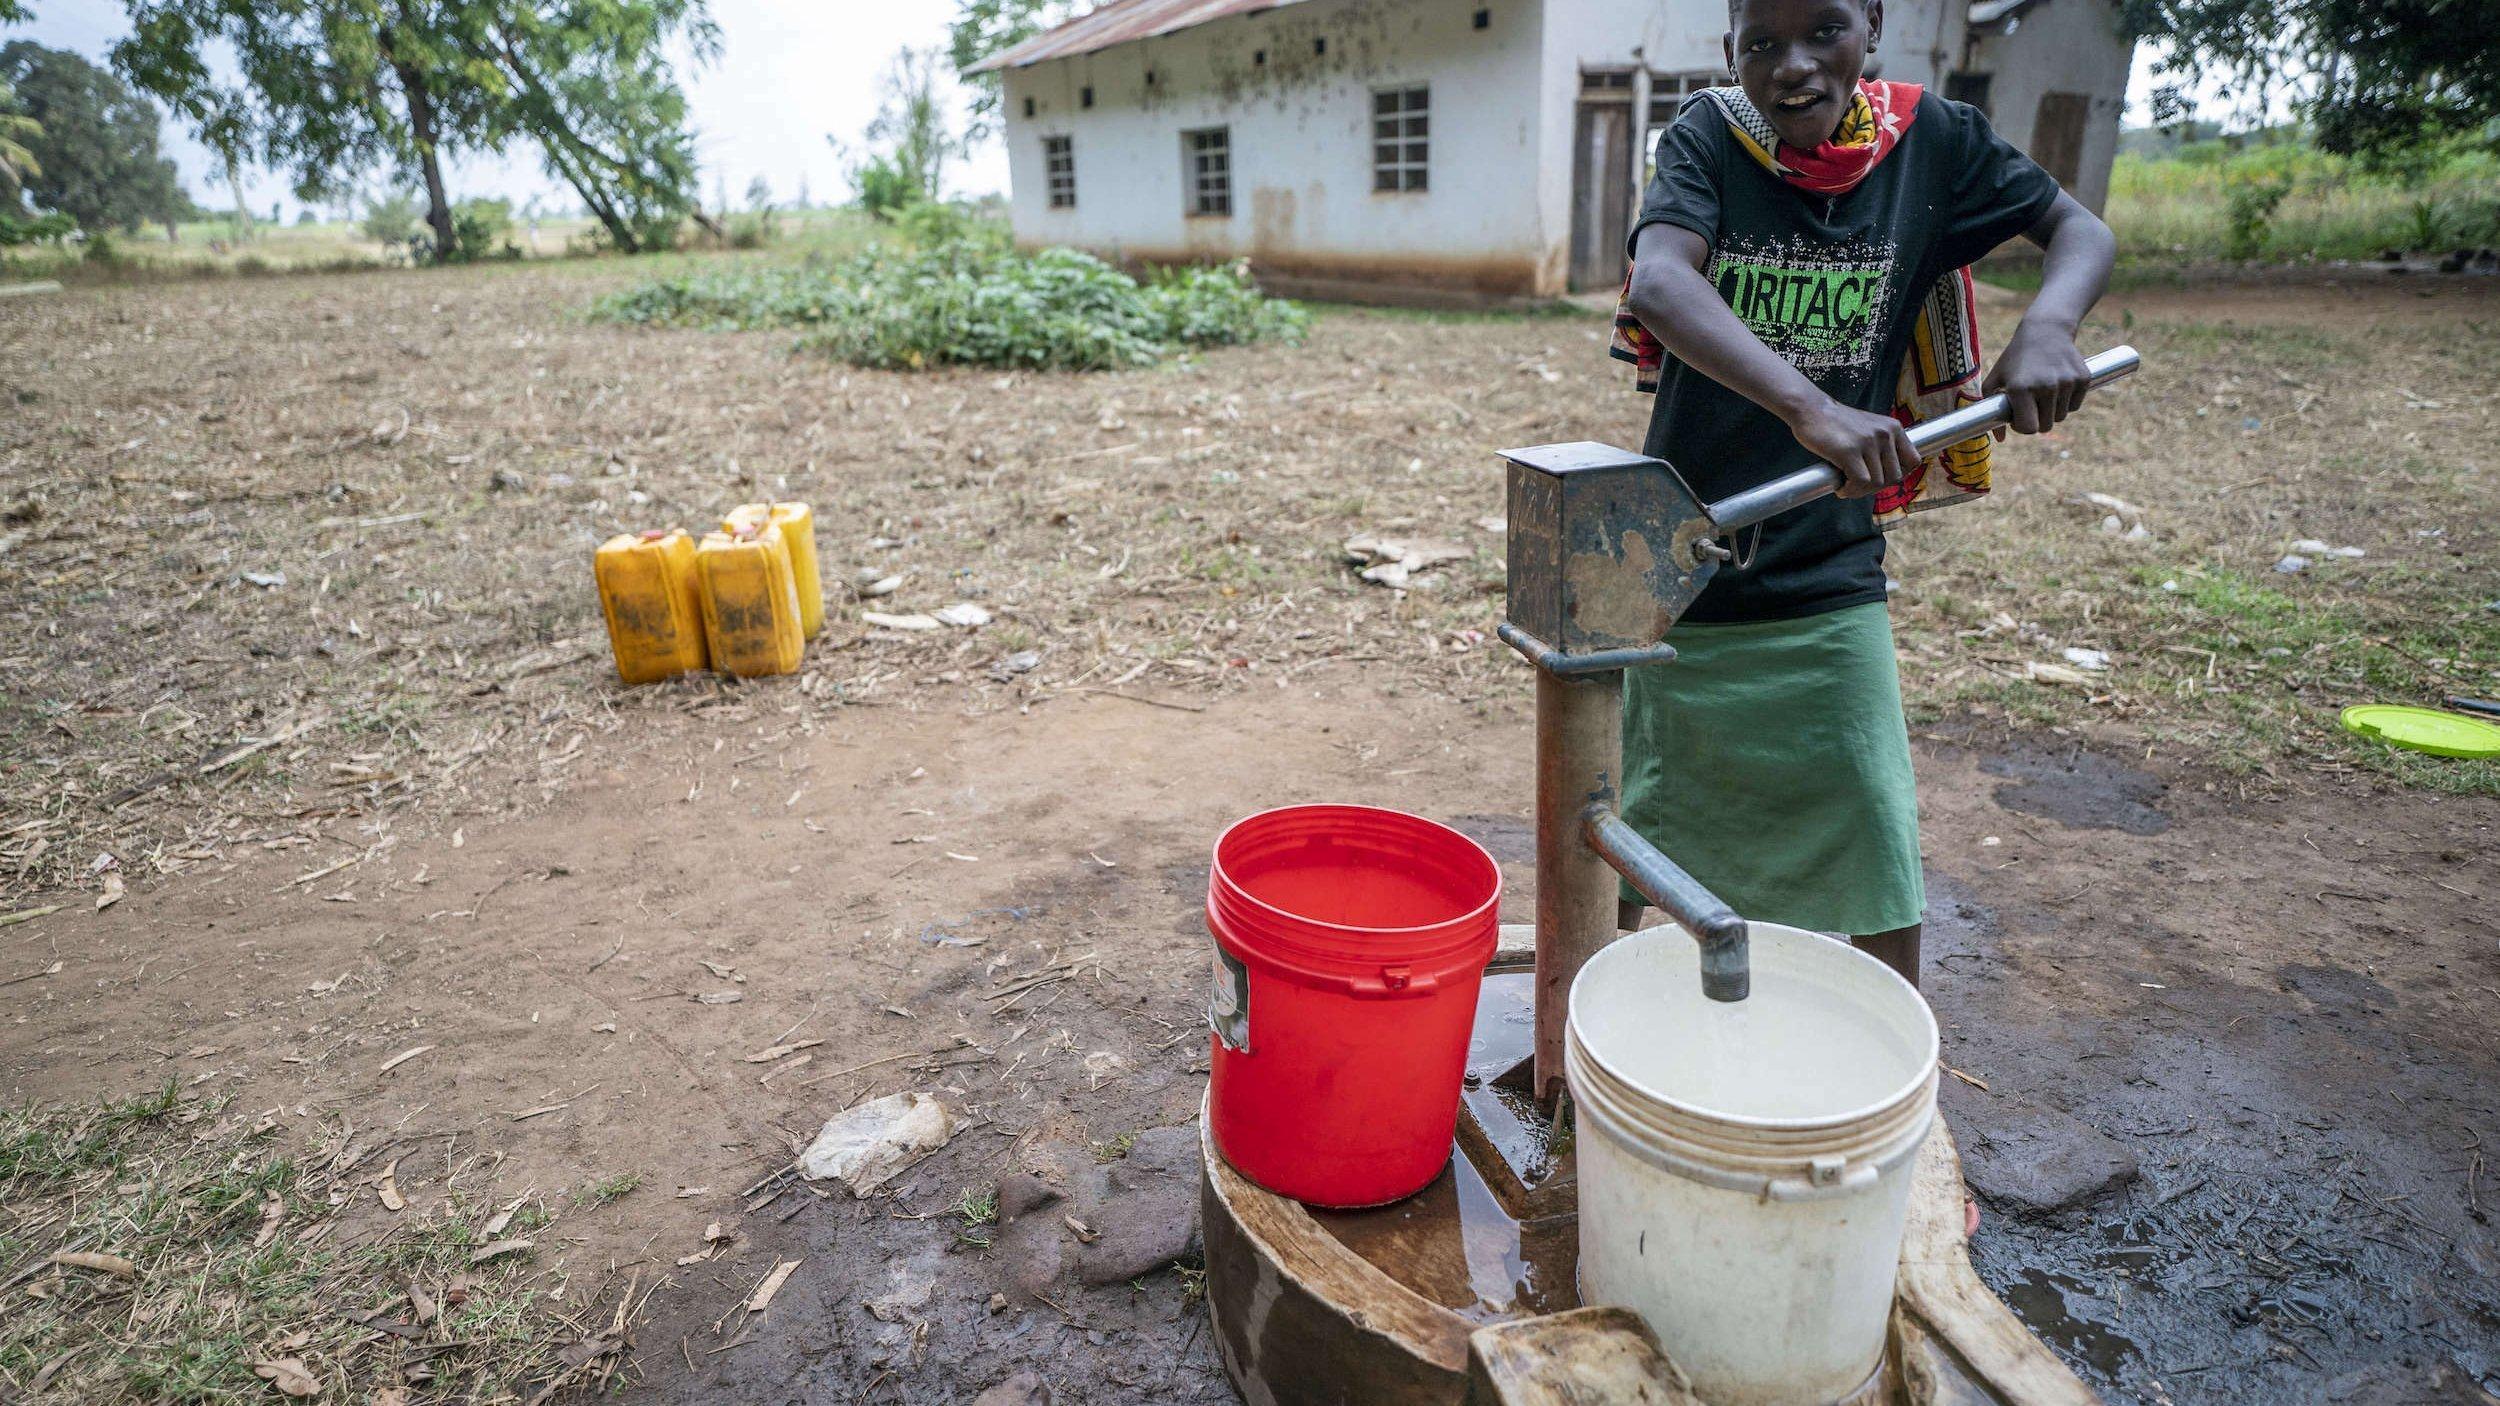 Eine junge Frau holt sich Trinkwasser mit einer sehr einfach gebauten Pumpe. Hinter ihr ein sehr ärmlich wirkendes Haus.